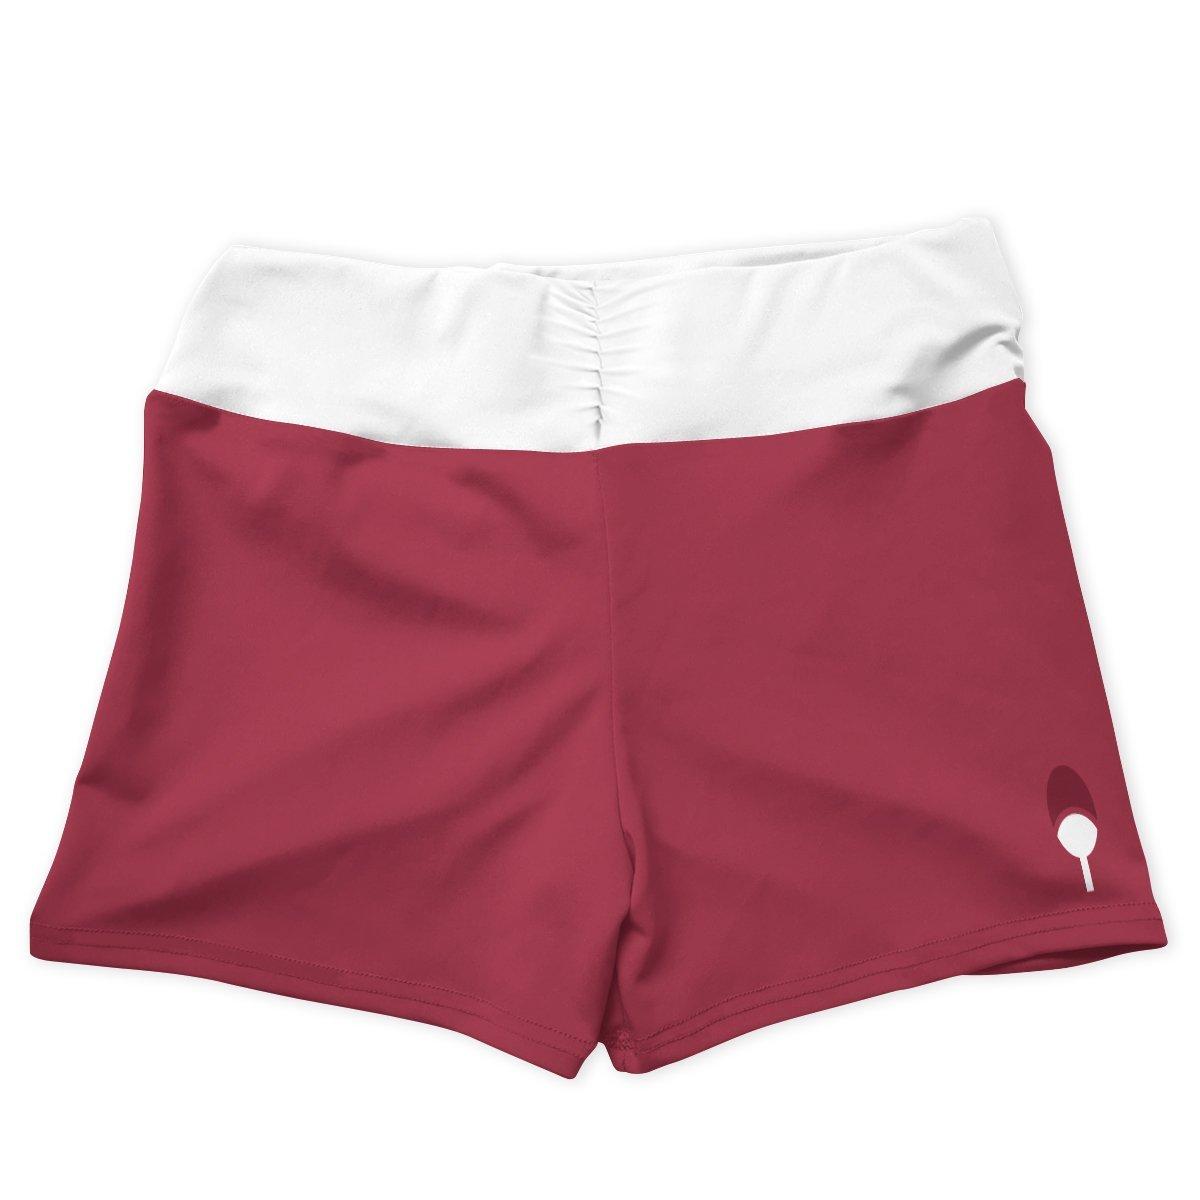 sakura summer active wear set 415659 - Anime Swimsuits